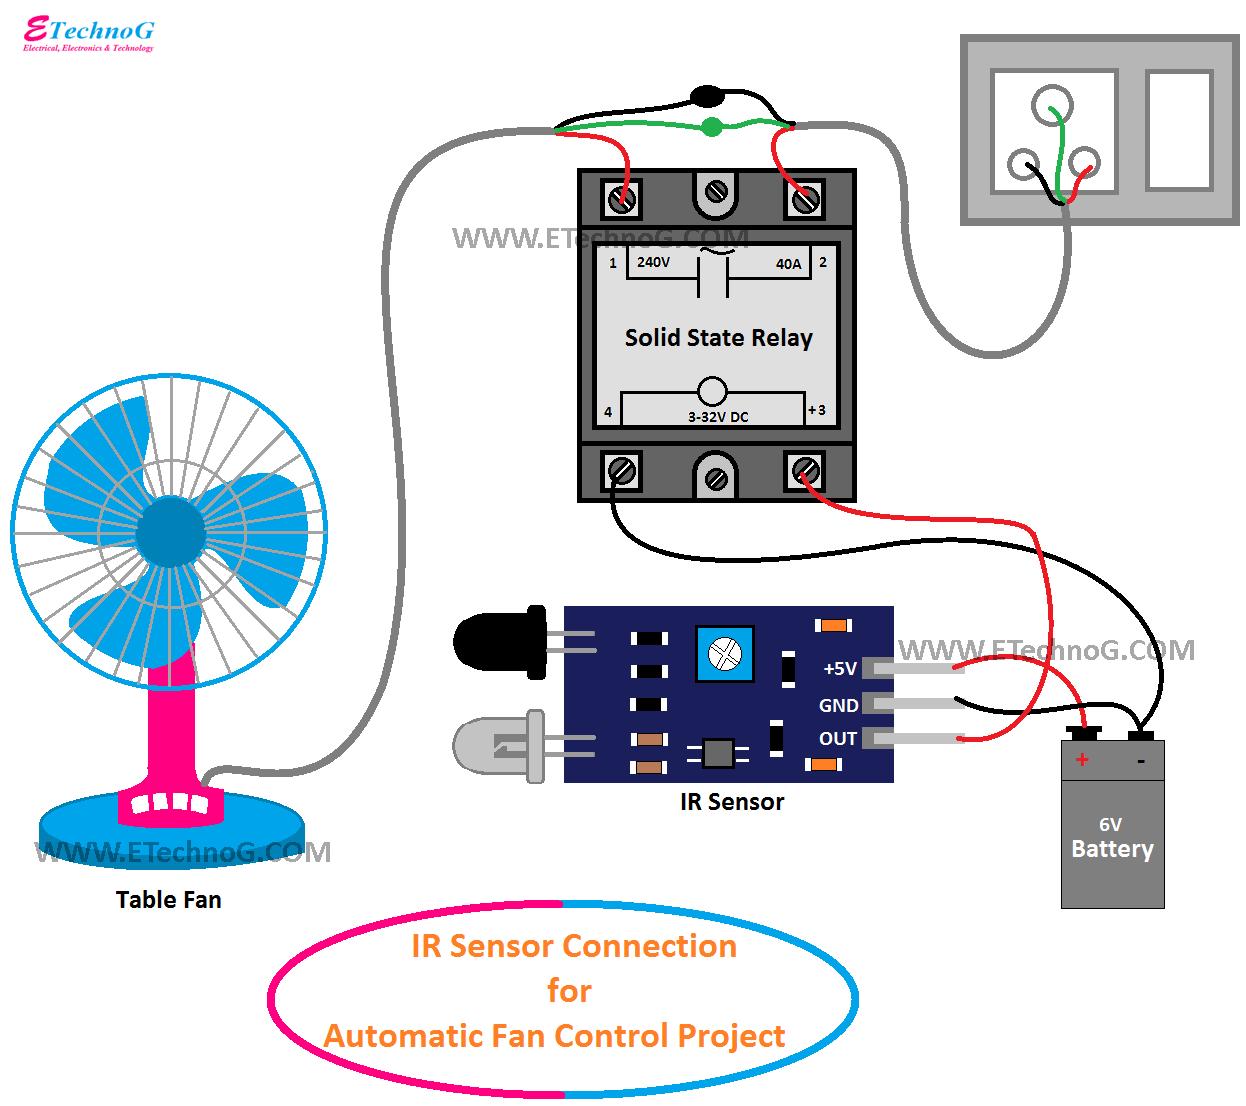 IR Sensor Connection, connection of IR Sensor, IR Sensor Project